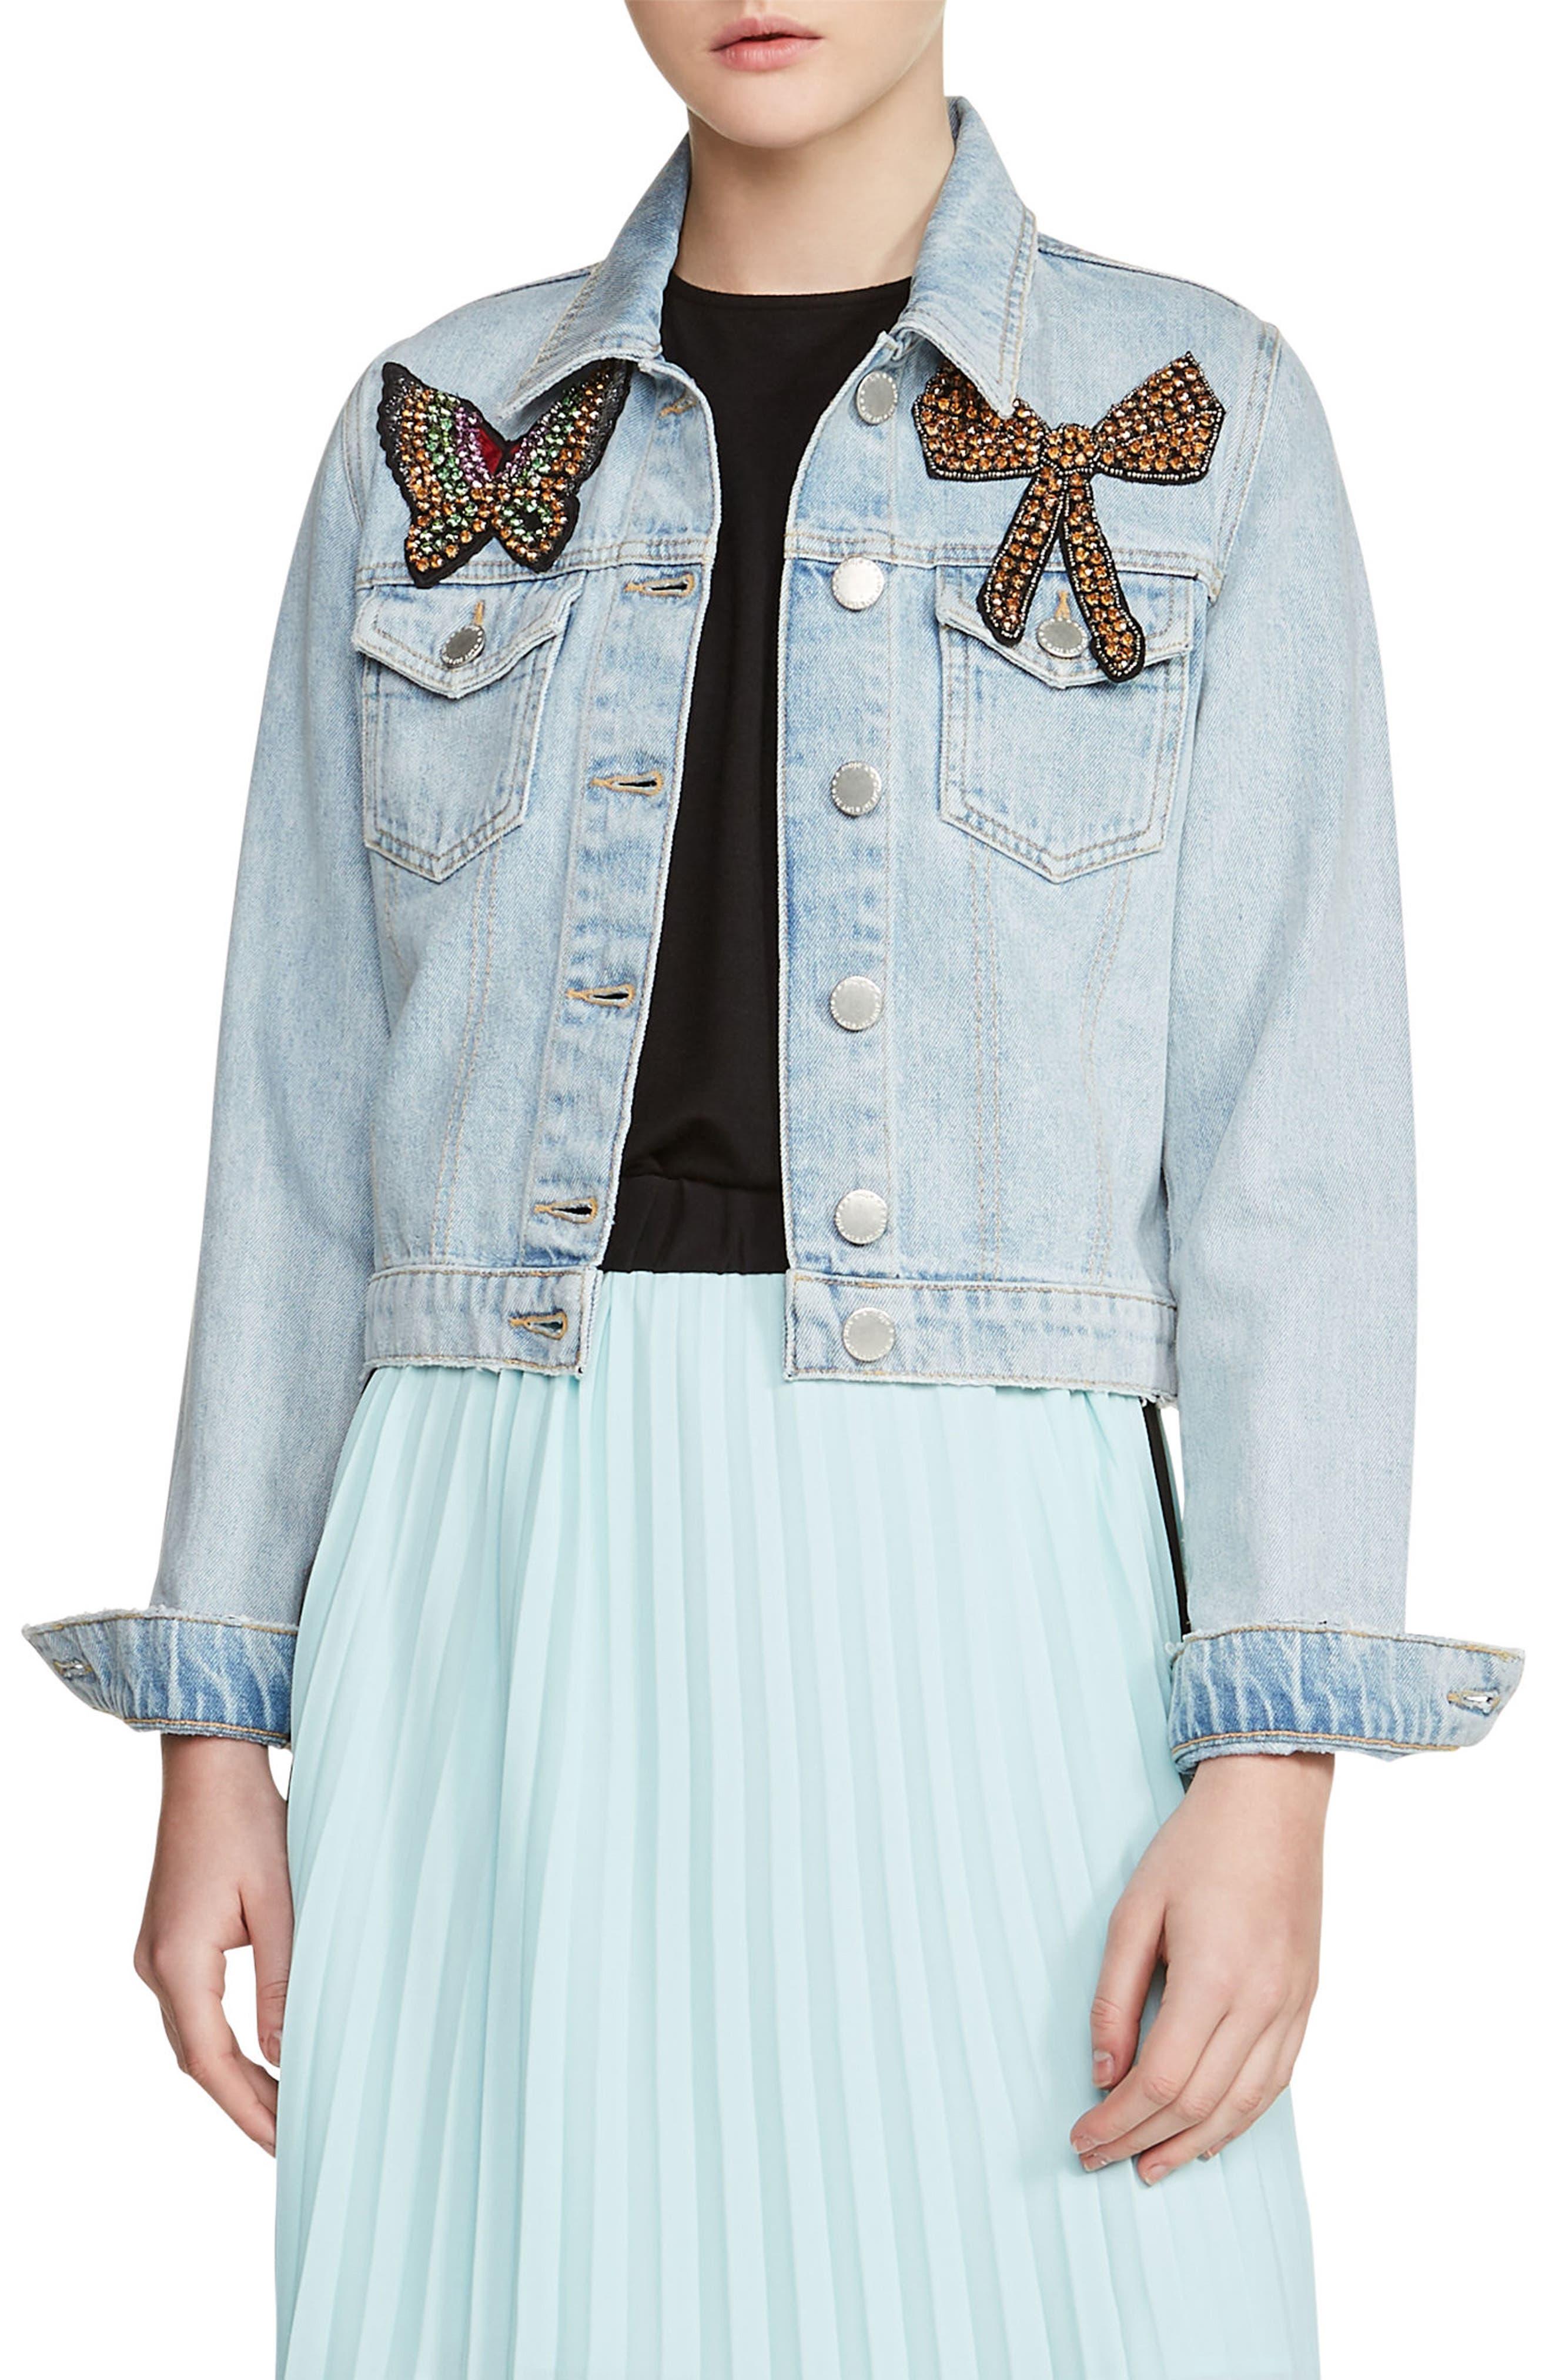 Vivou Embellished Denim Jacket,                         Main,                         color, 400